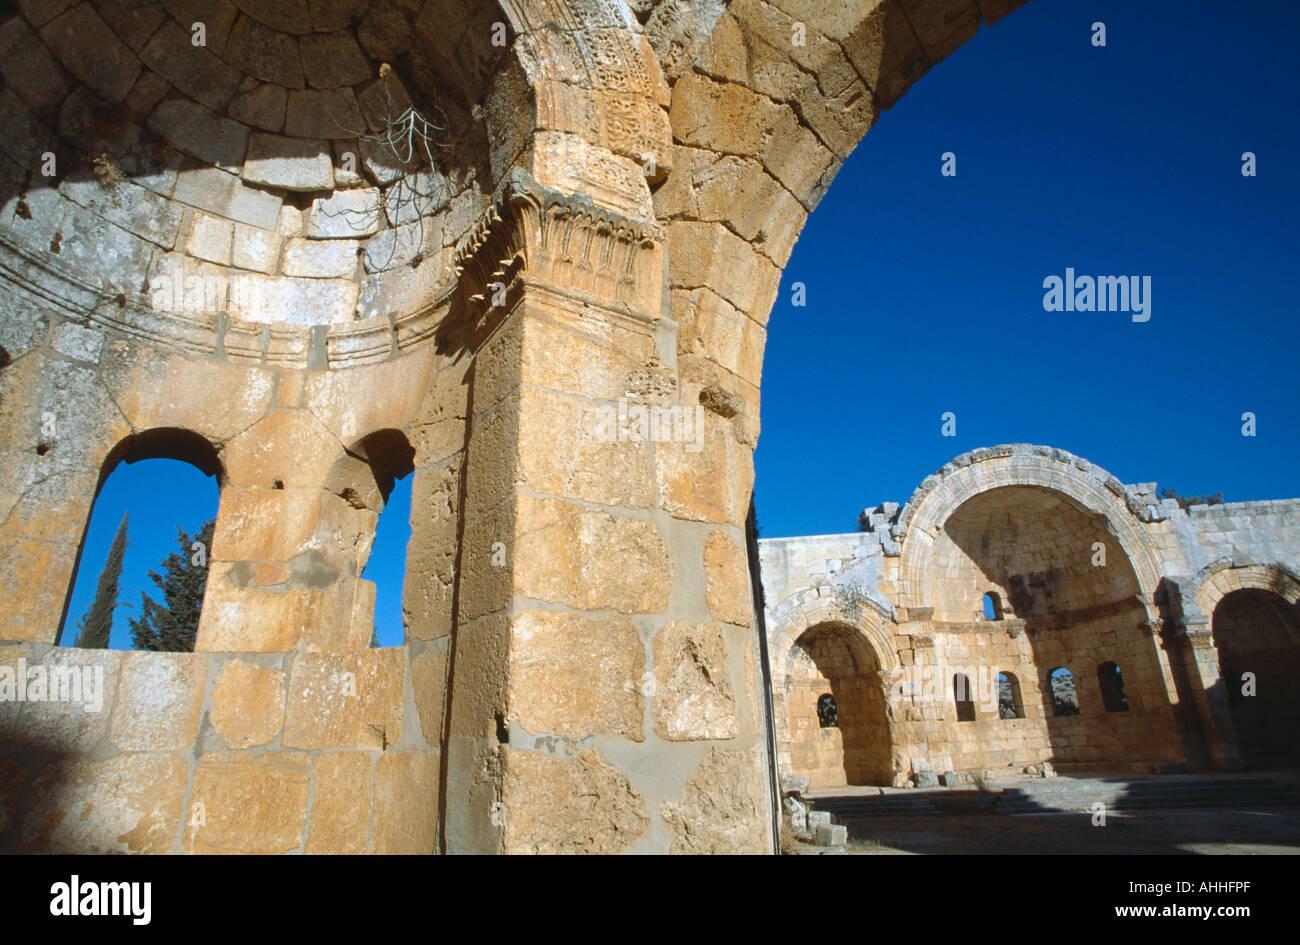 SYRIA North Qalaat Samaan - Stock Image